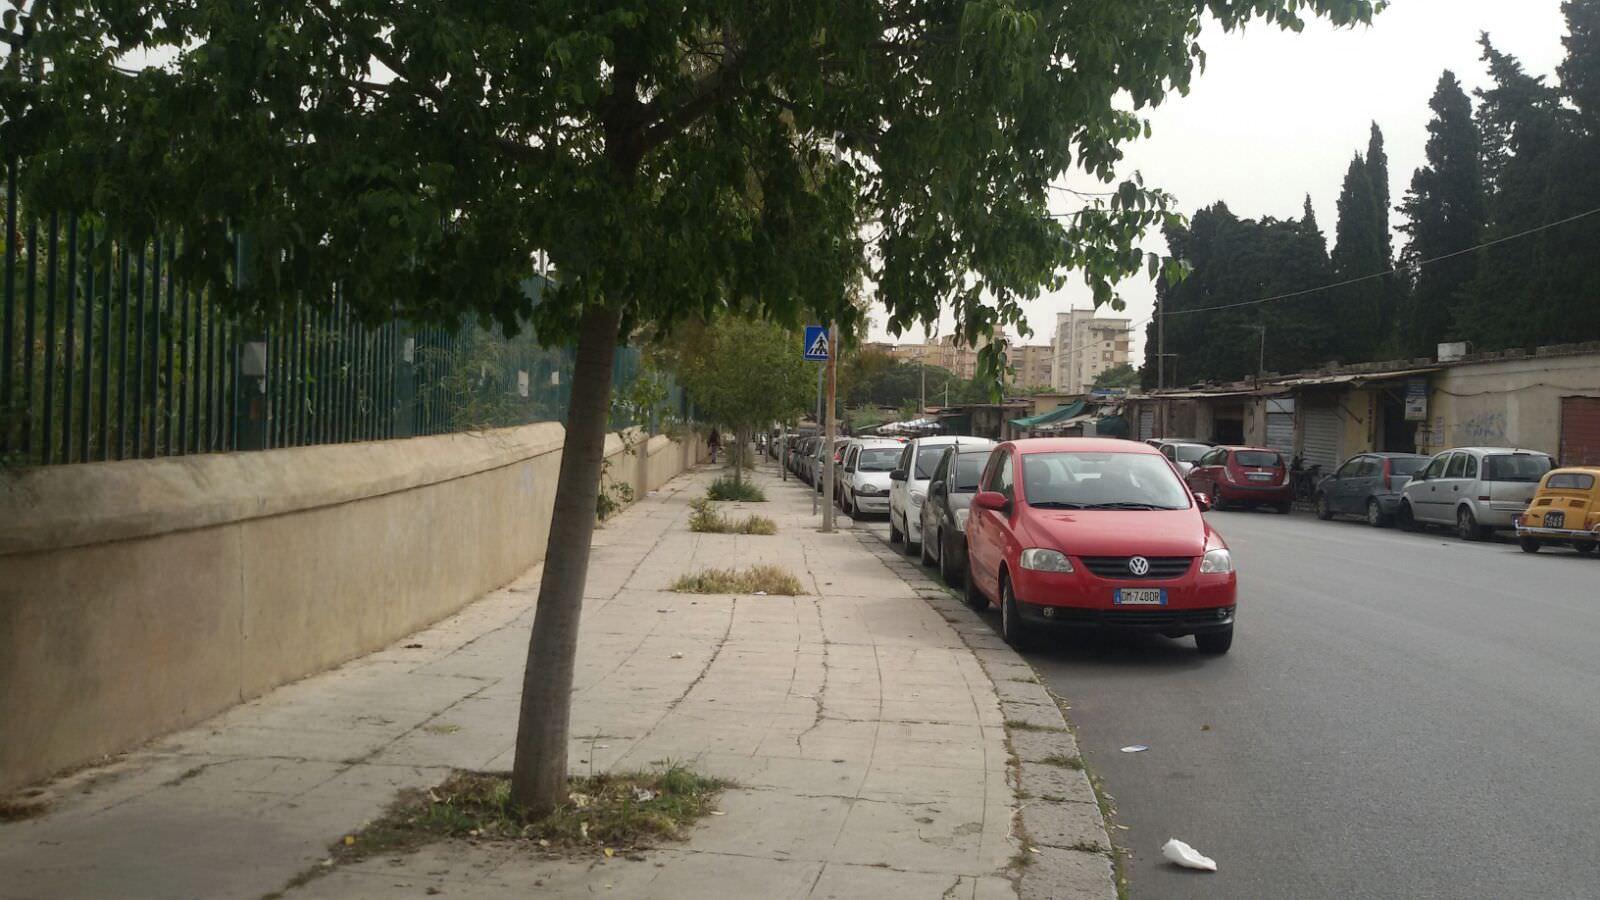 Viabilità e abusivismo a Palermo. Sanzionati automobilisti indisciplinati